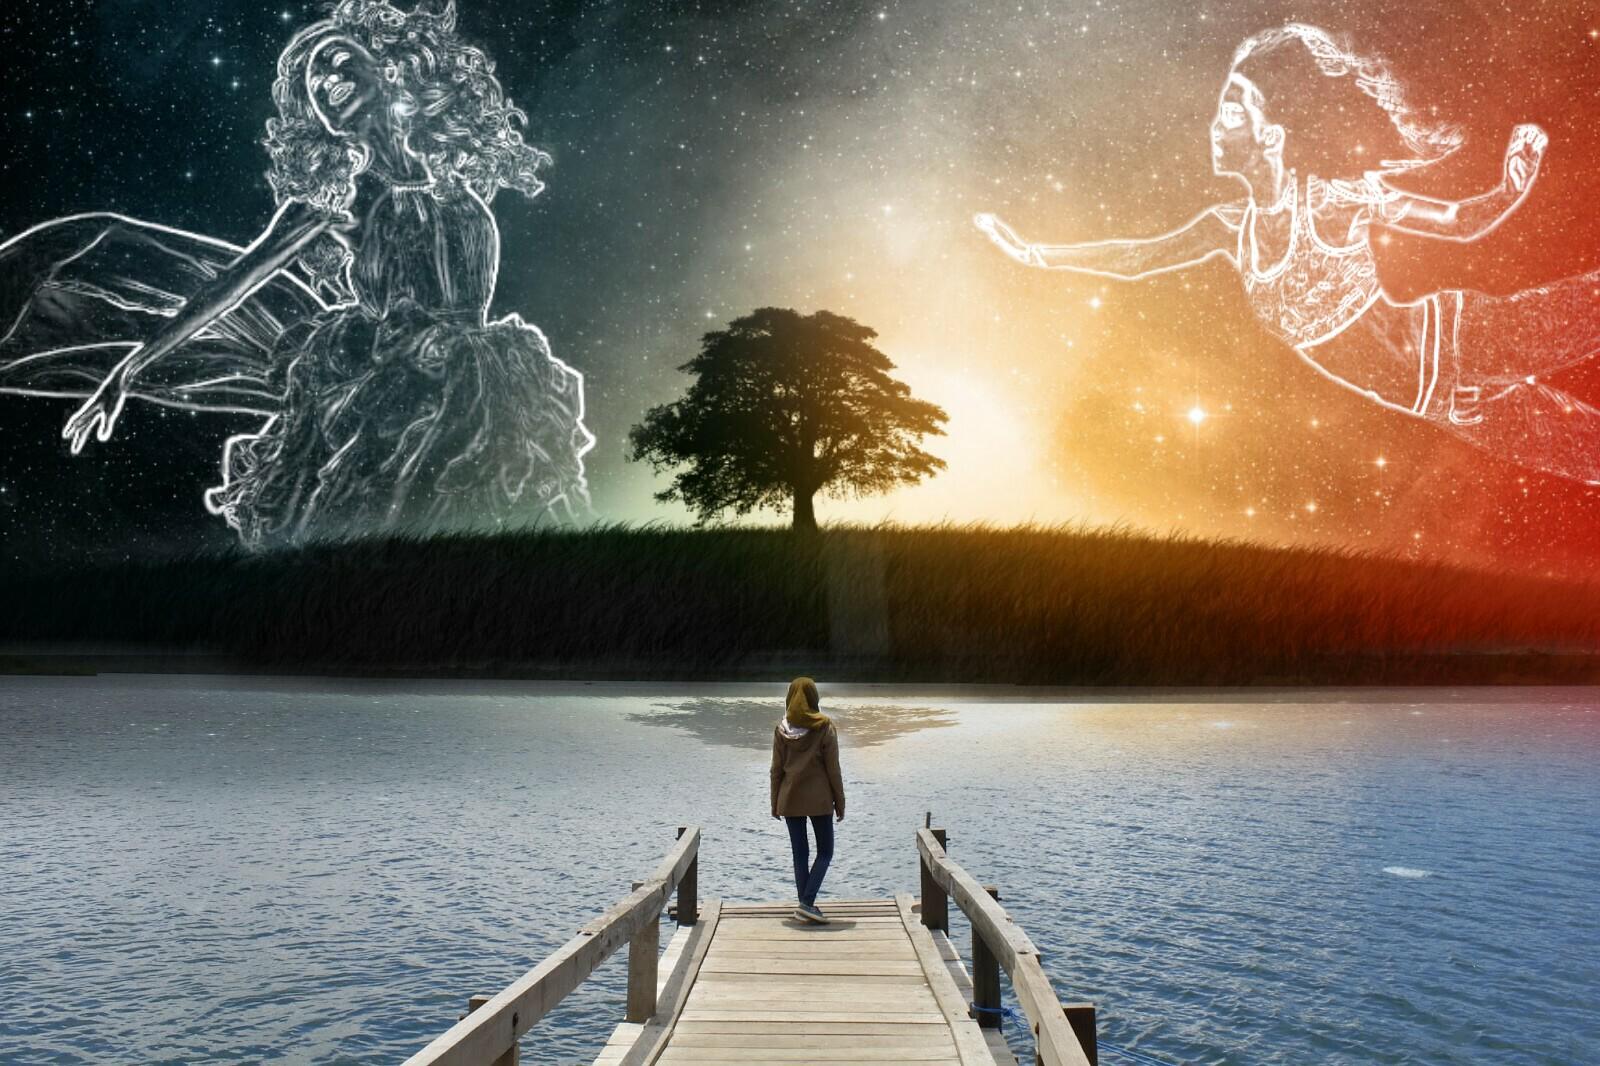 Line Art Picsart : Cara membuat line art foto galaxy sky dengan picsart